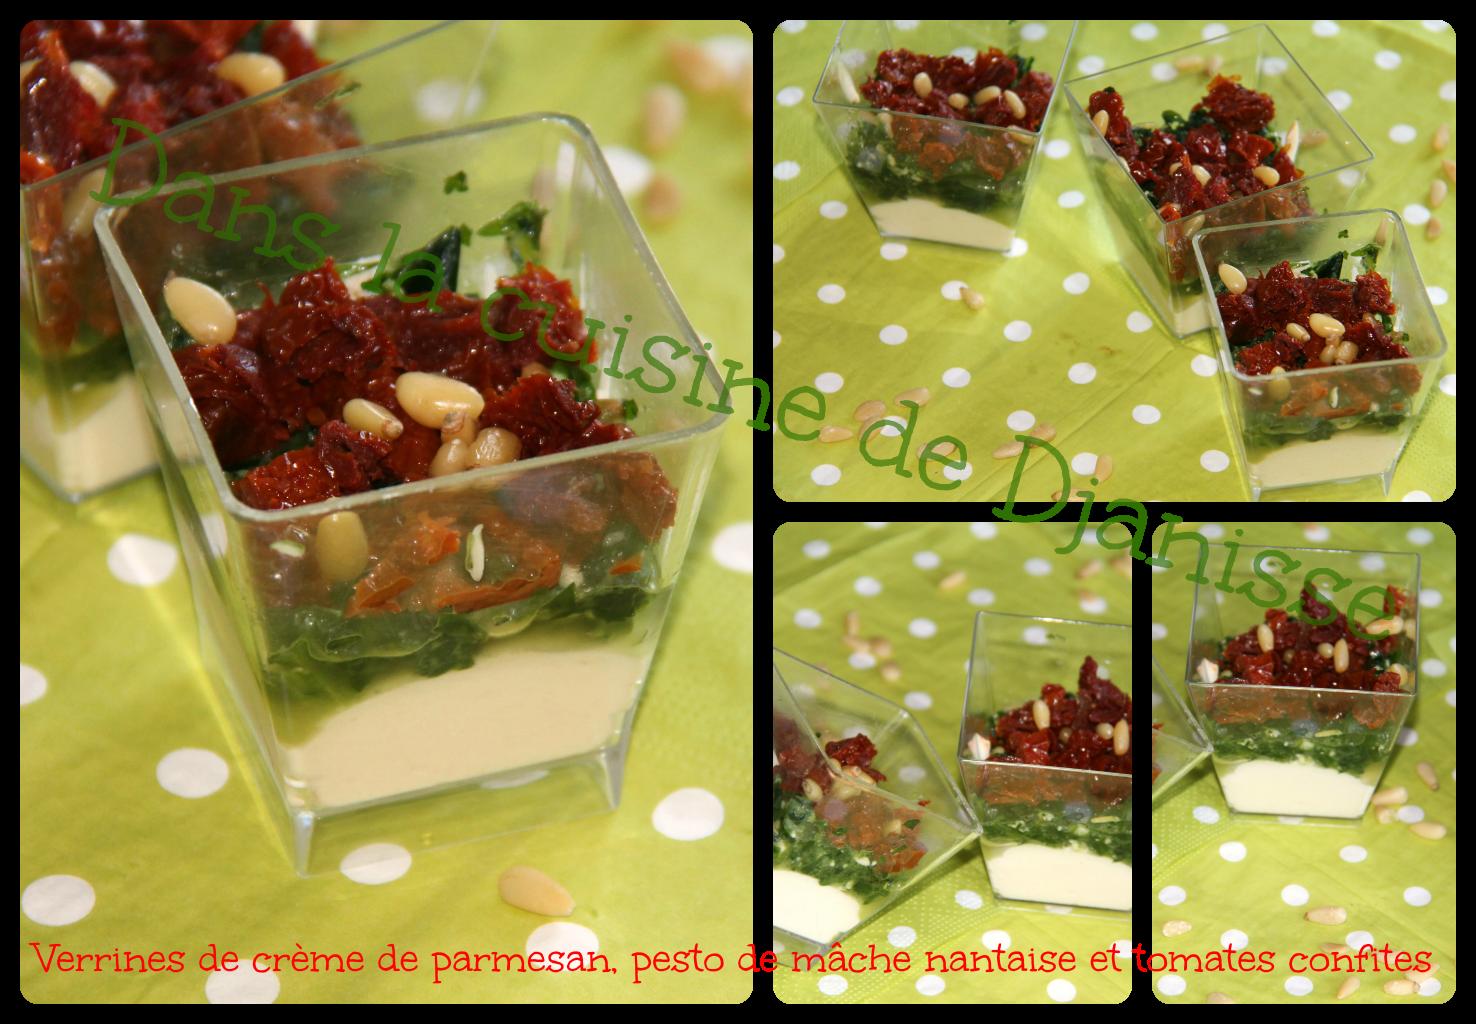 Verrine crème parmesa, pesto de mâche nantaise & tomates confites